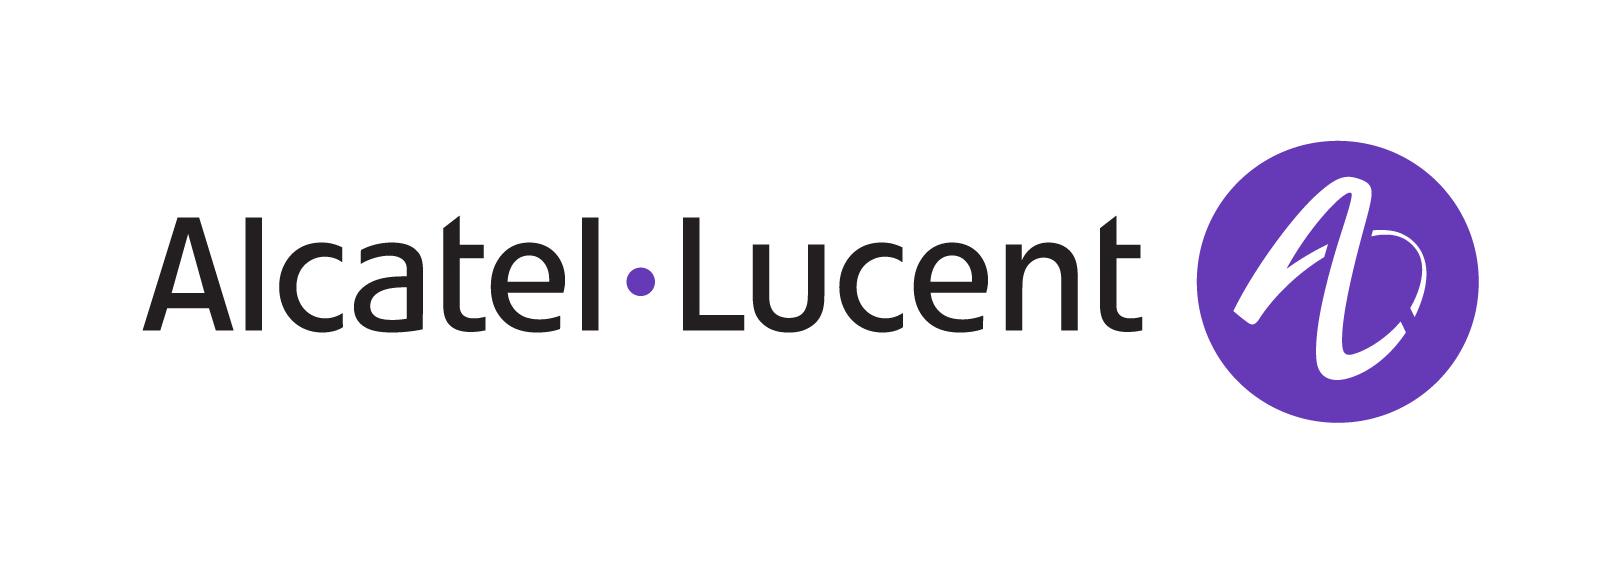 AlcatelLucent